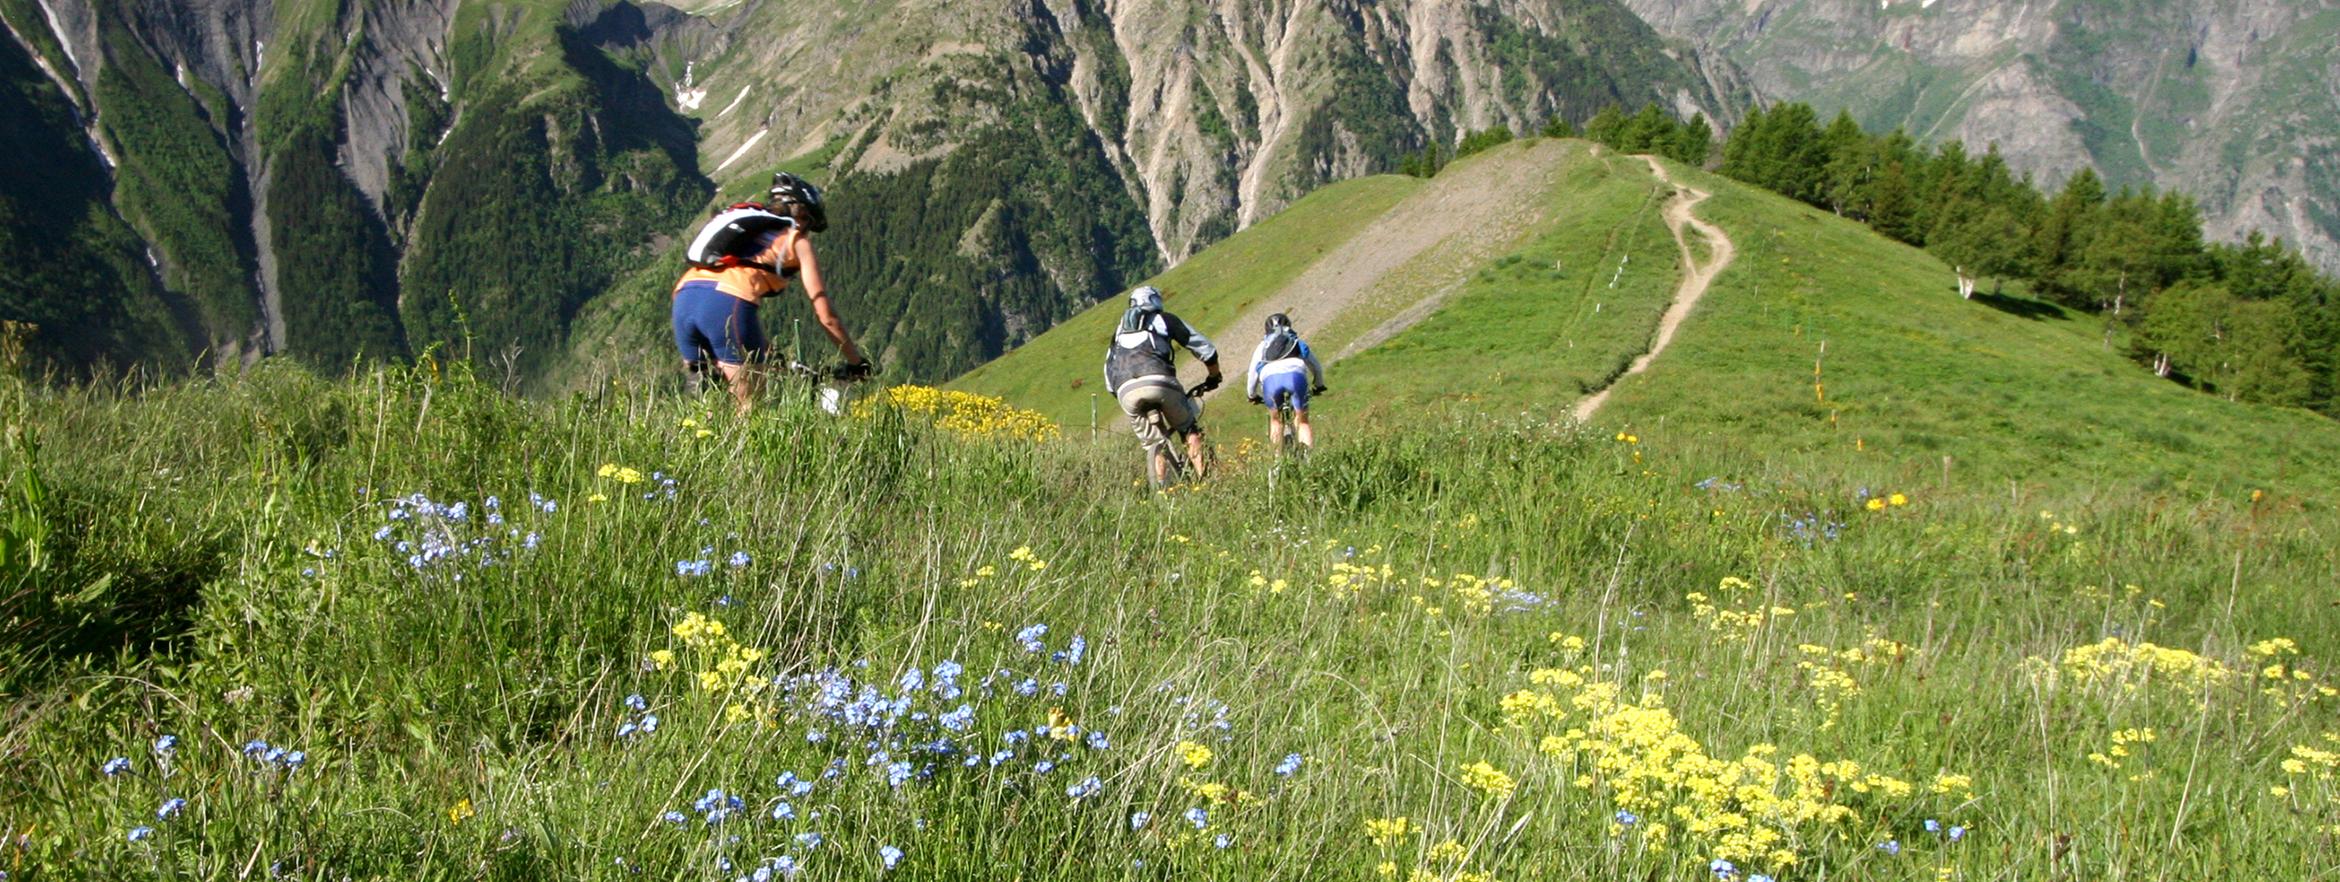 Vacances la montagne en t chez vvf villages - Vacances en montagne locati architectes ...